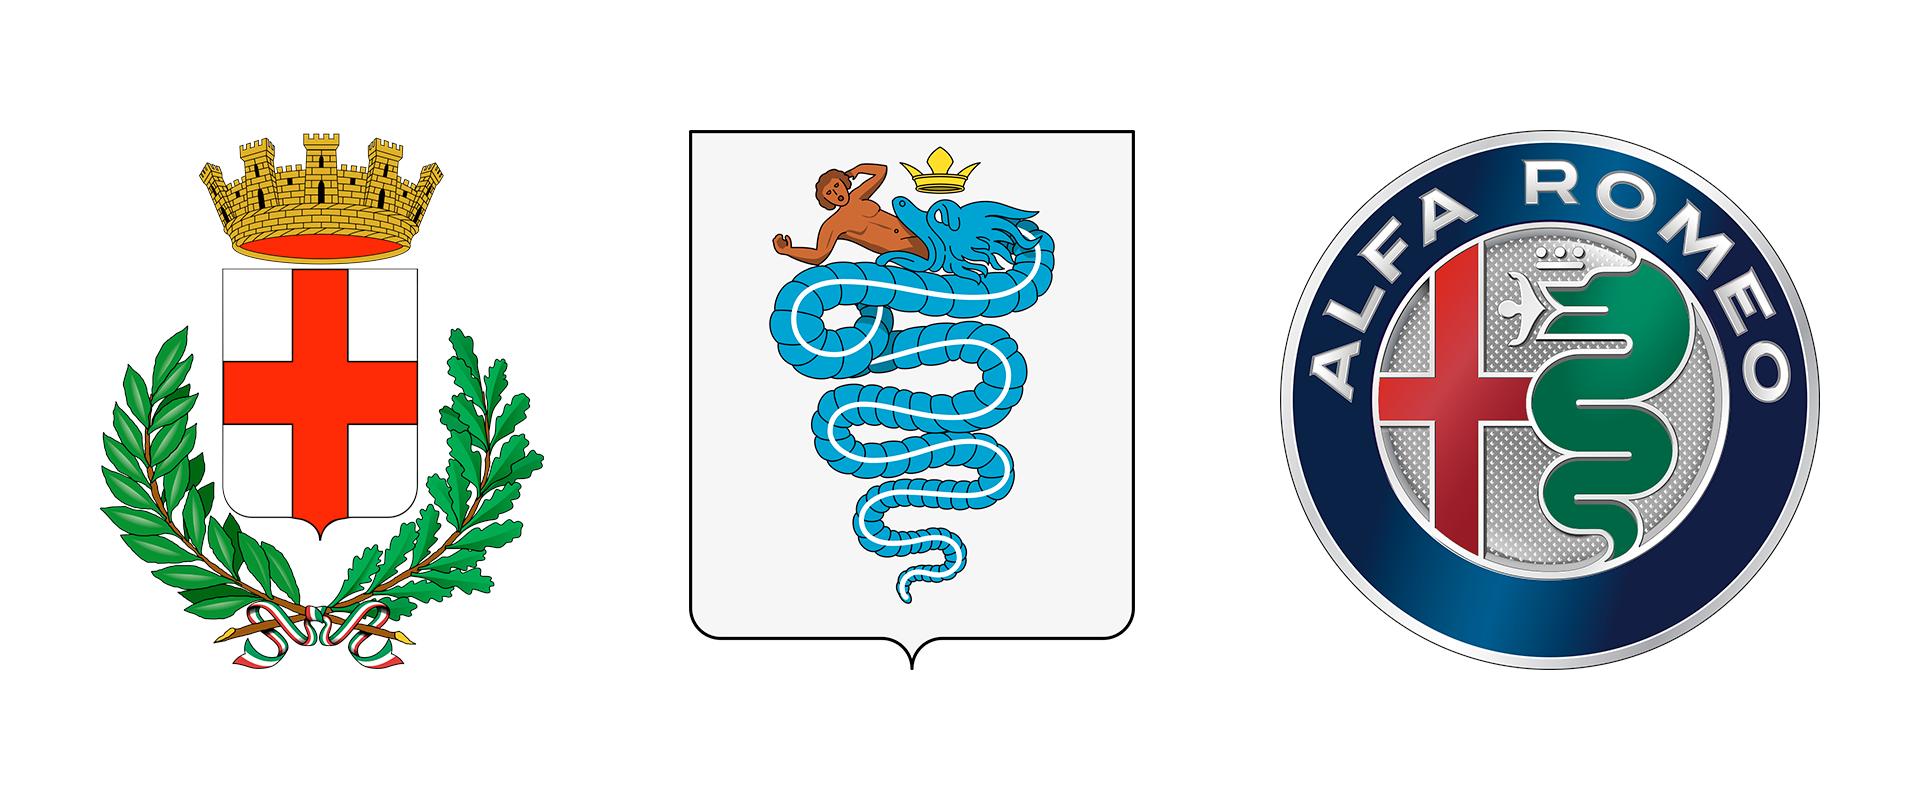 Gli stemmi dai quali deriva il logo della Alfa Romeo